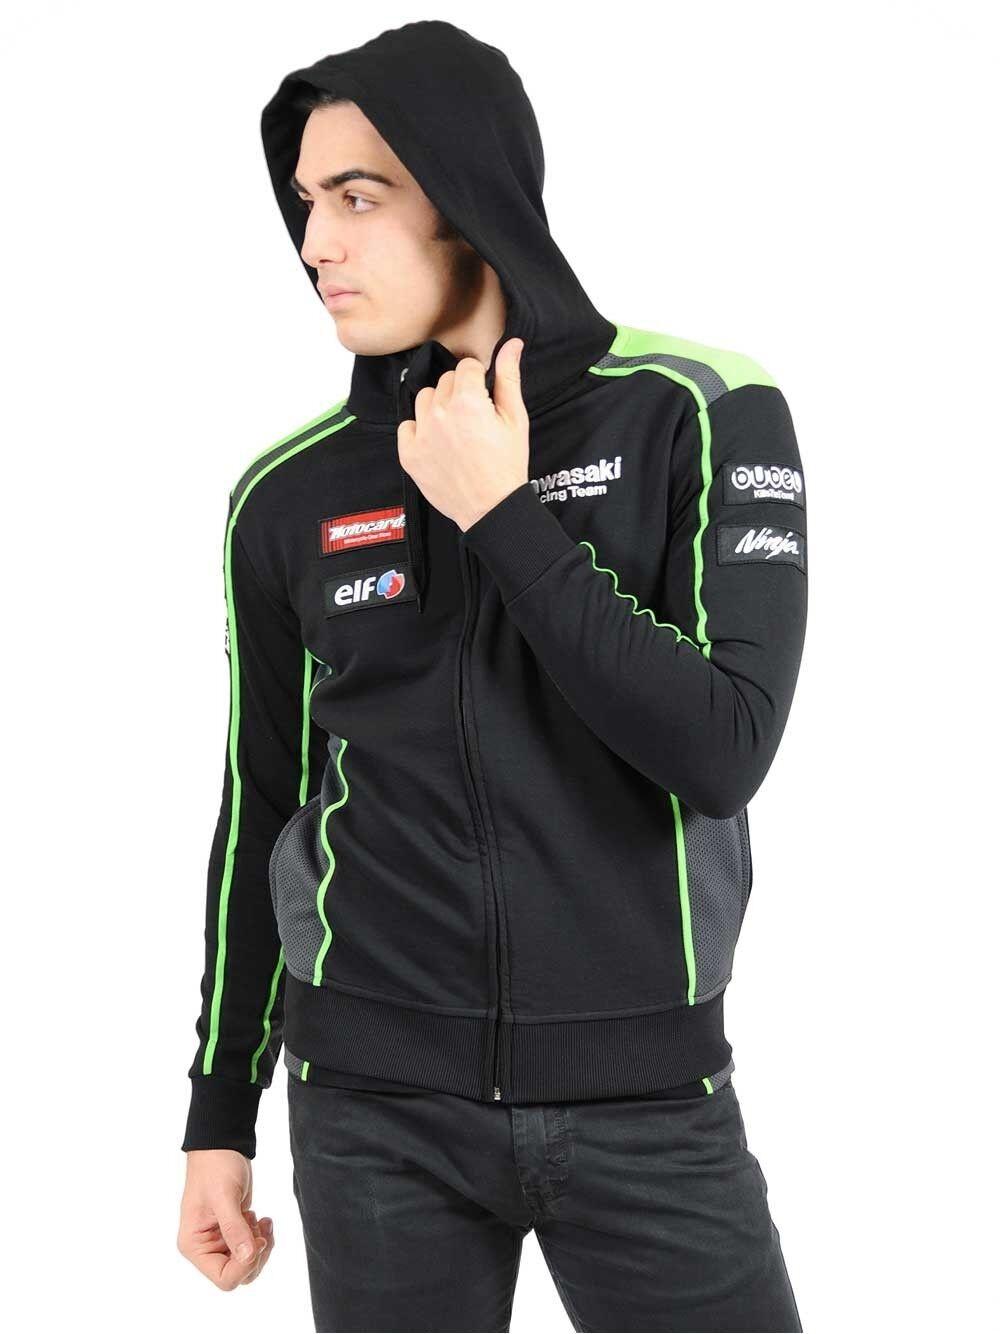 Mettre la réduction jusqu'au bout 2016 Officiel Kawasaki Motocard Équipe Éclair Noir/Vert Sweat Capuche Fermeture Éclair Équipe 031326